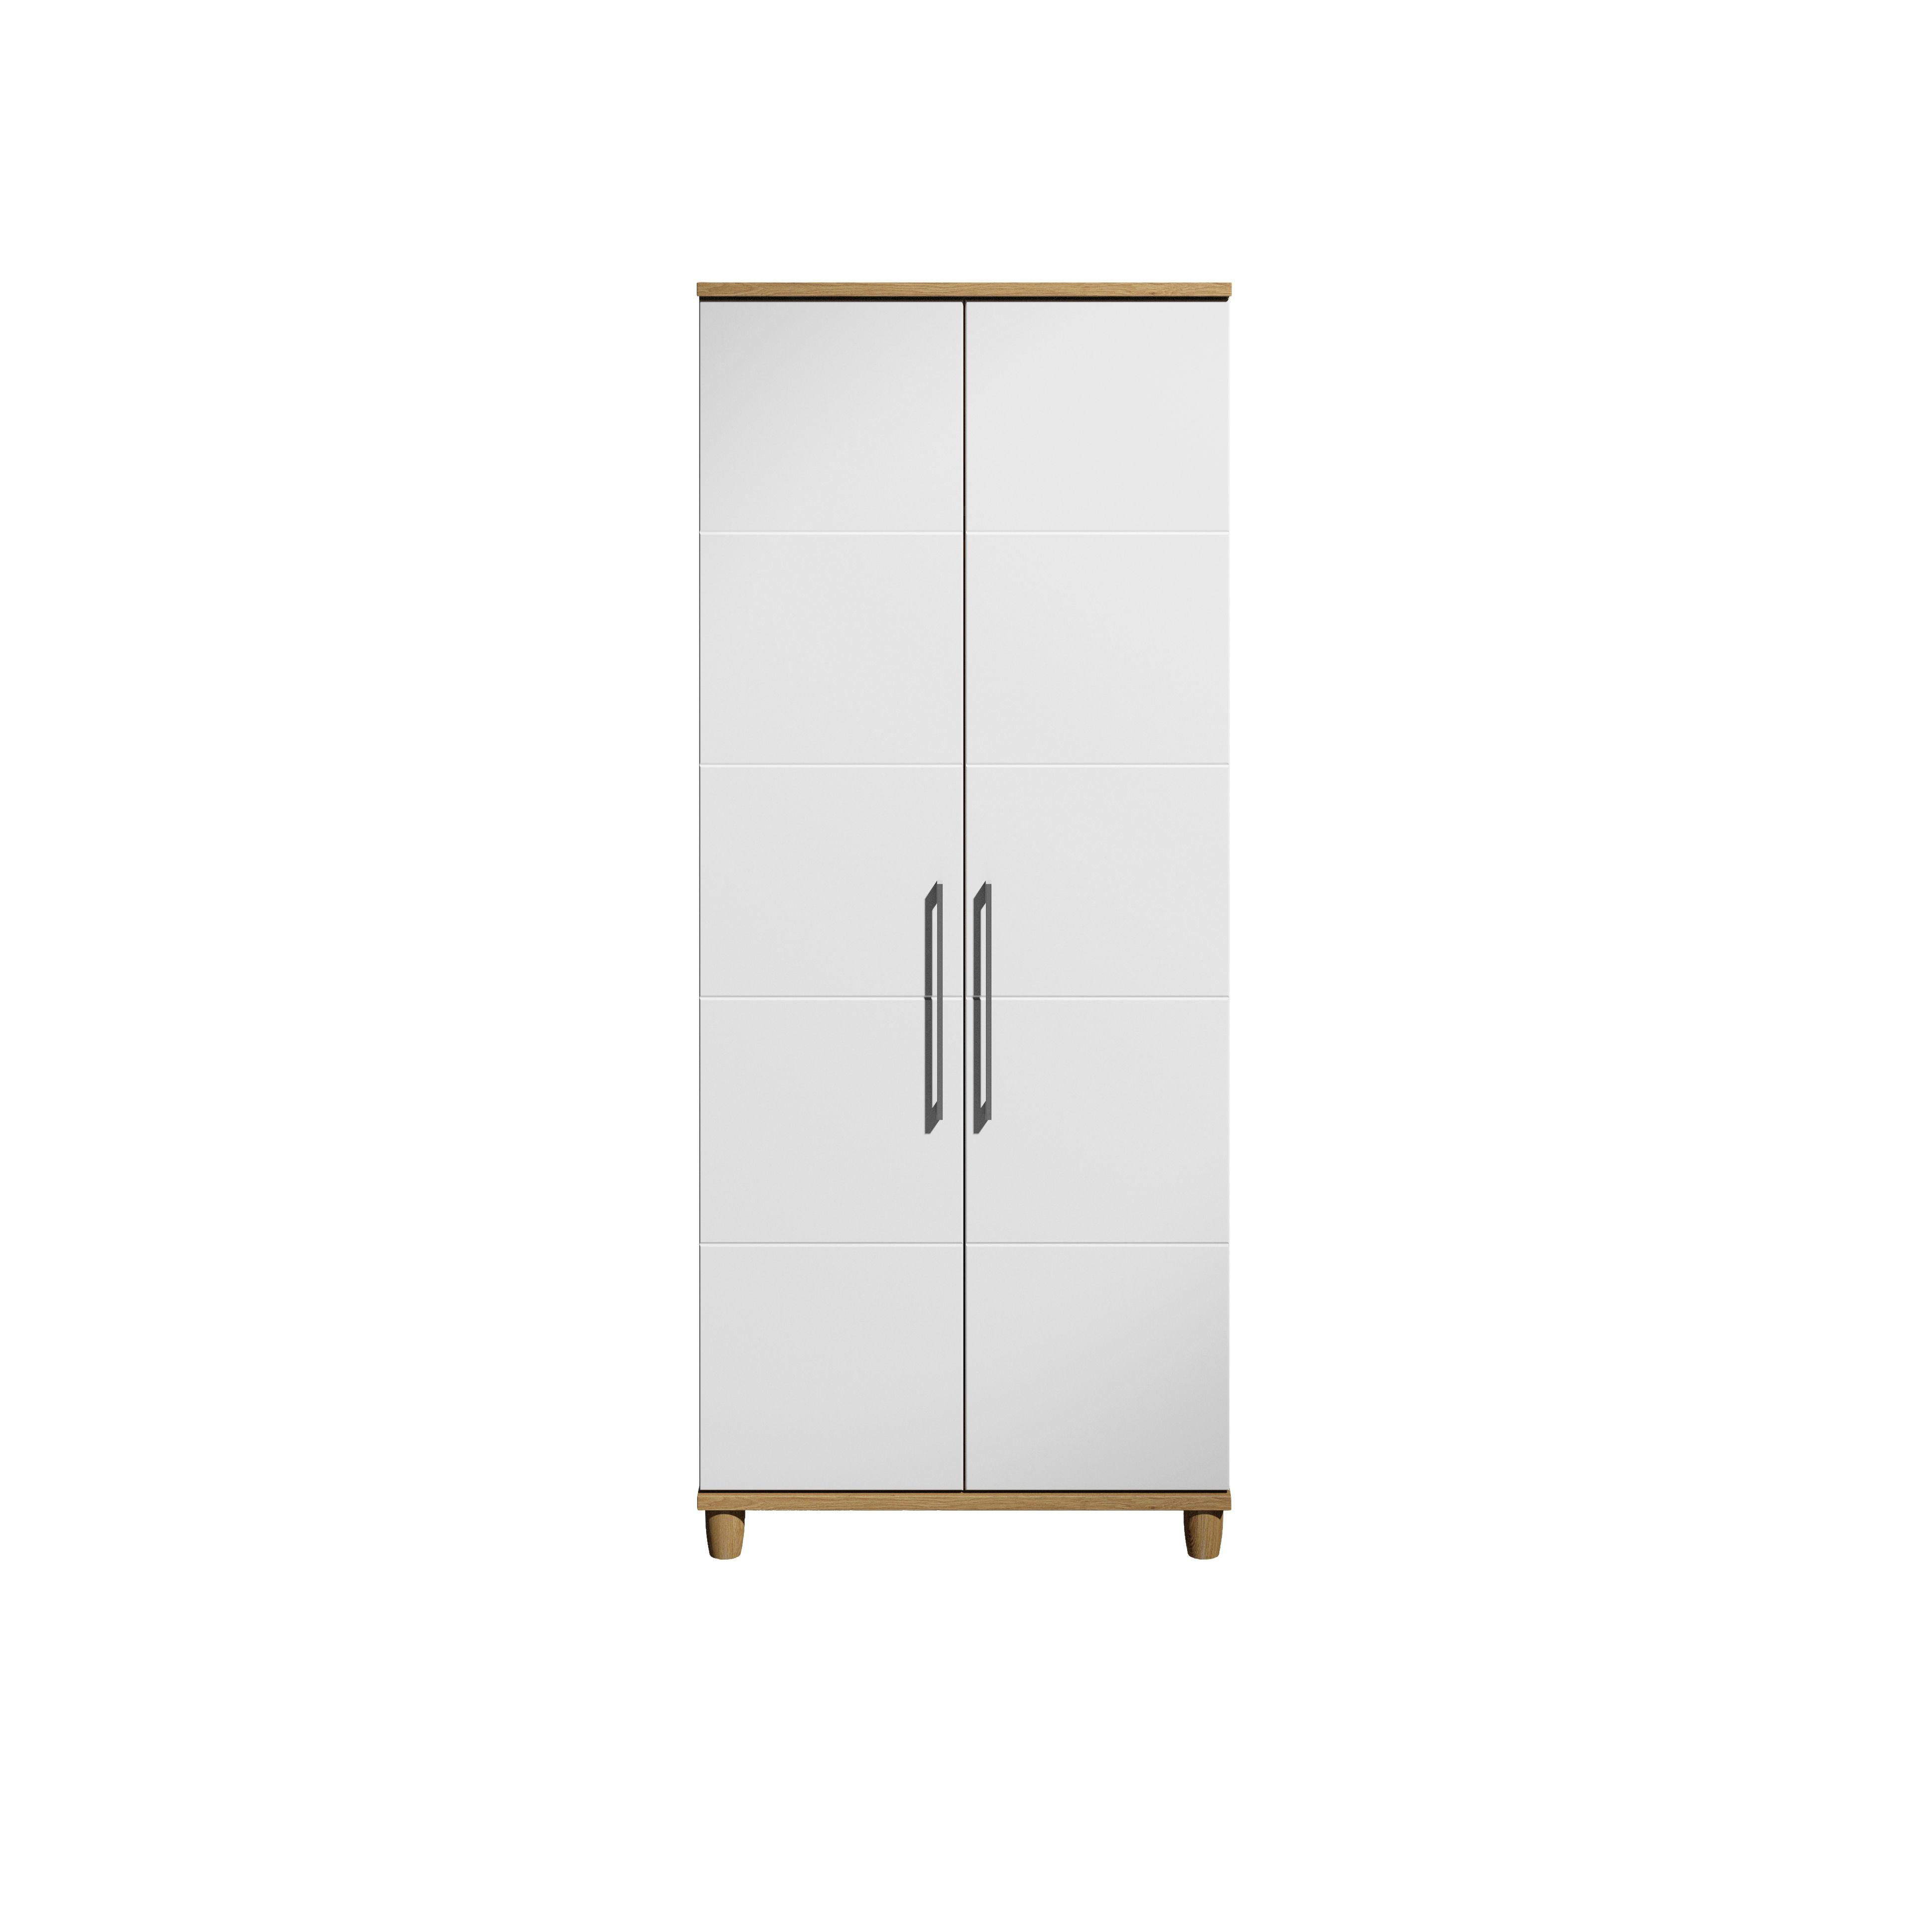 Eris White & Oak Effect 2 Door Wardrobe (h)1929mm (w)804mm